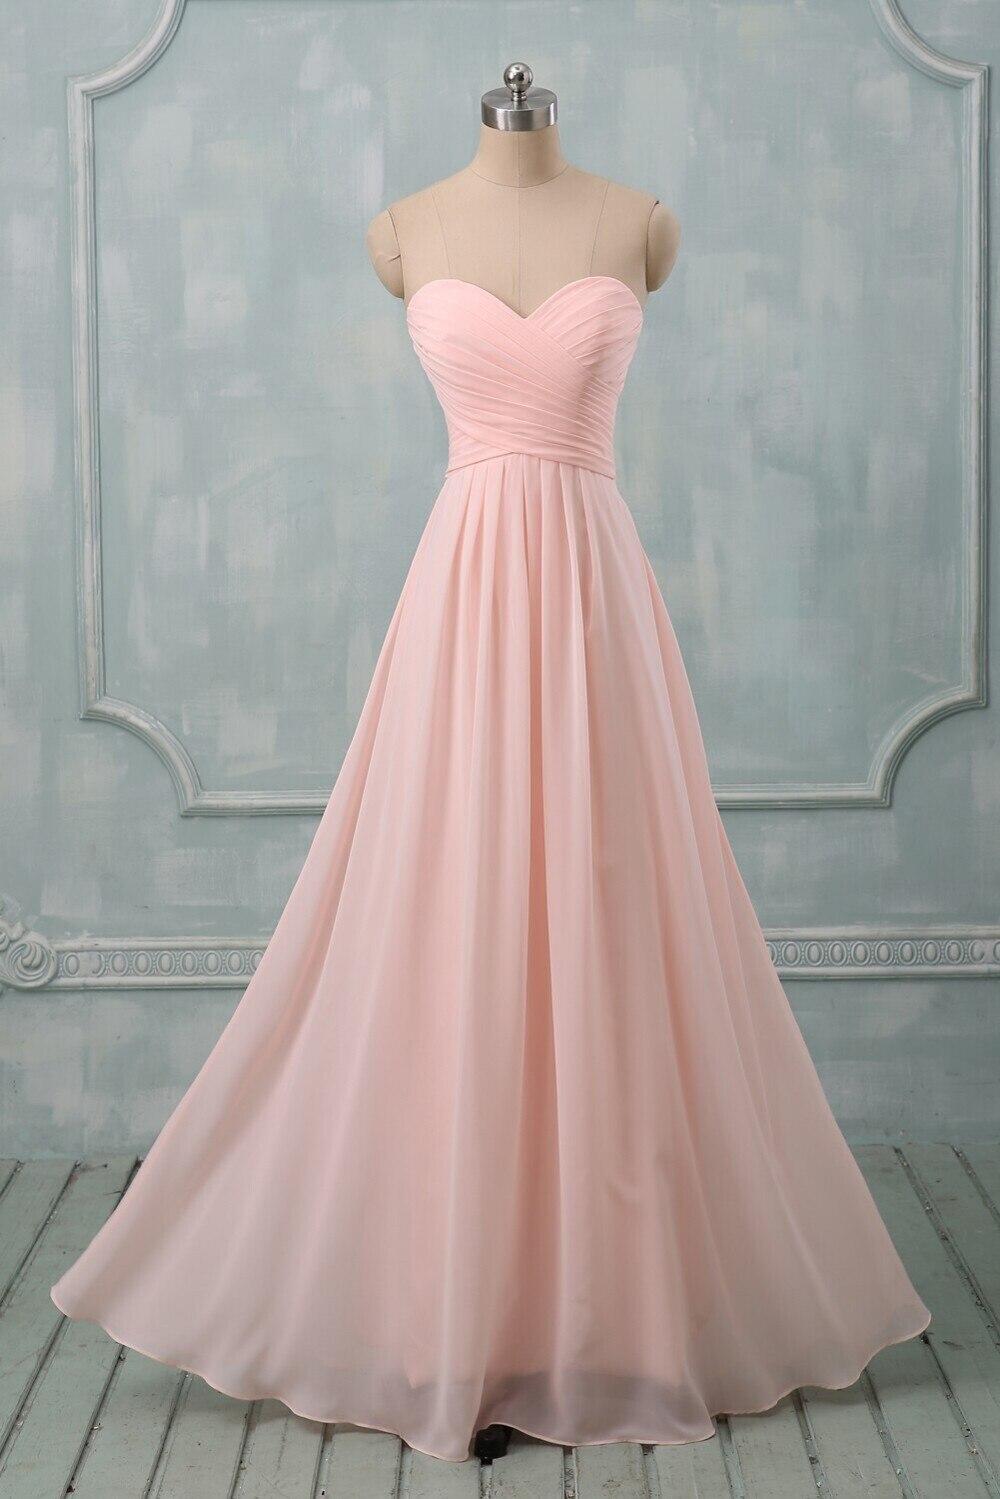 Lange jurk pastel